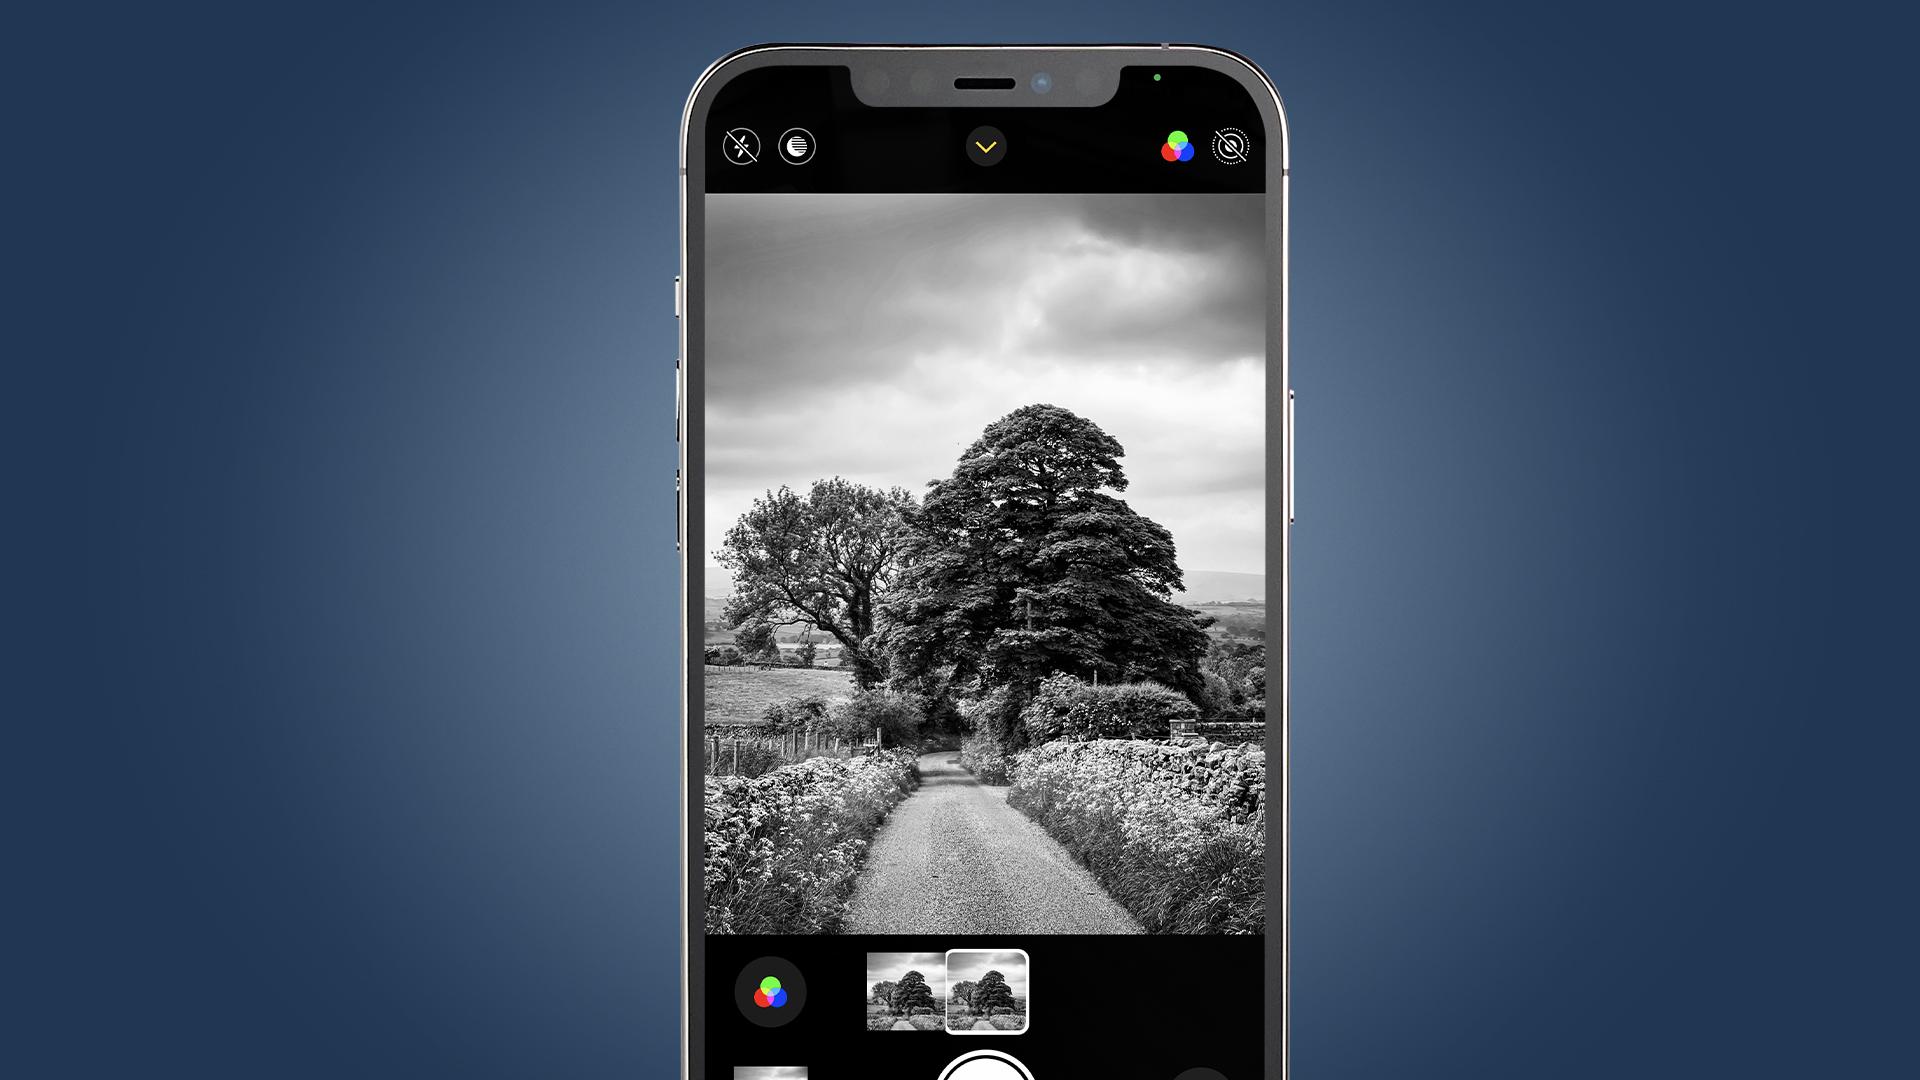 Un iPhone que muestra la captura de un árbol en blanco y negro